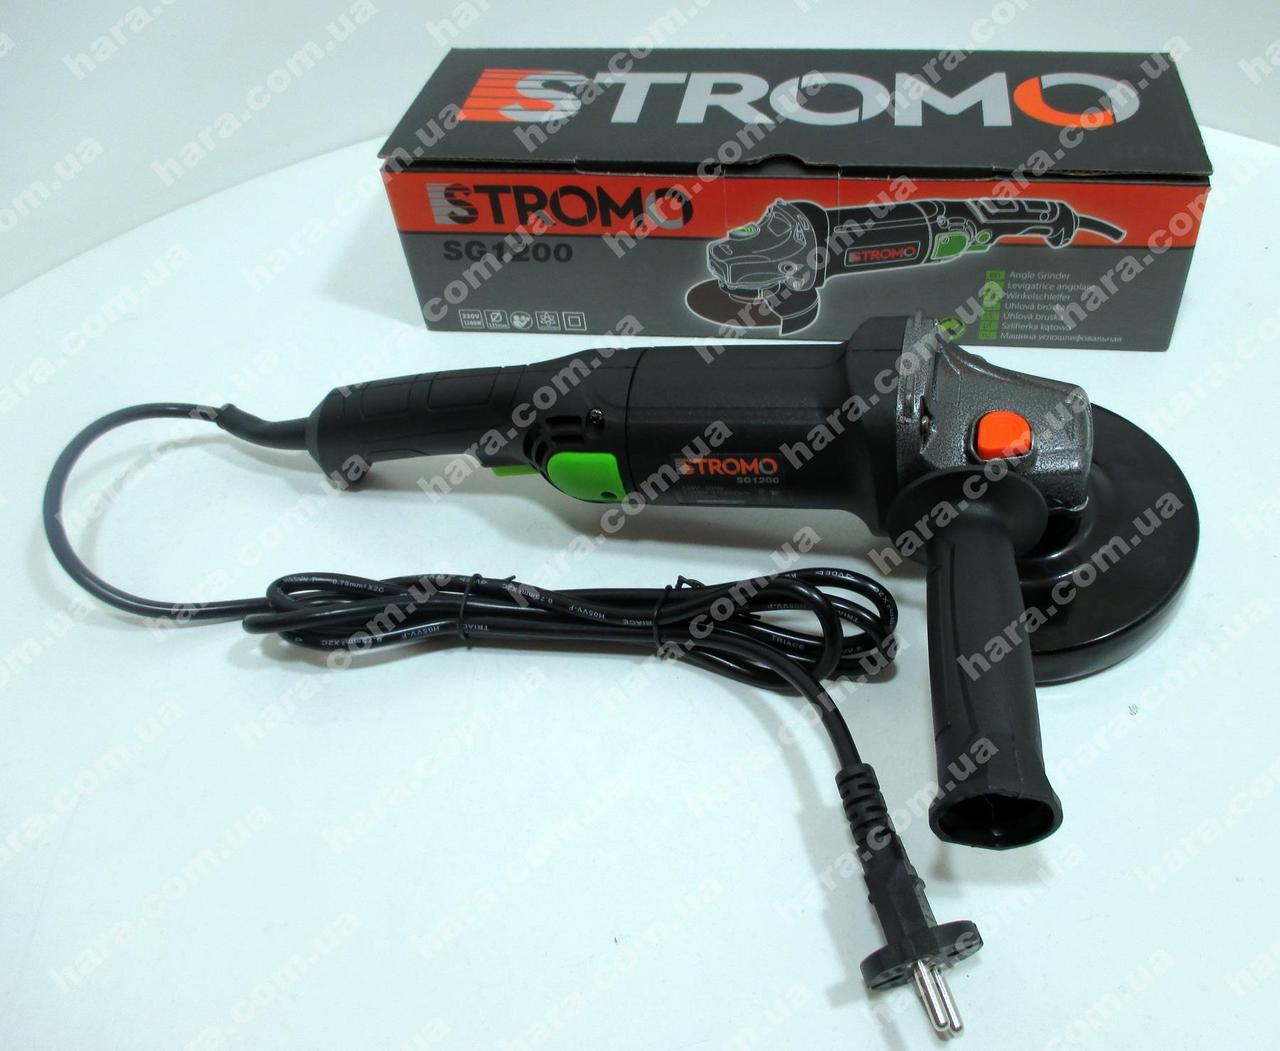 Болгарка Stromo SG1200 (125 круг, длинная ручка)